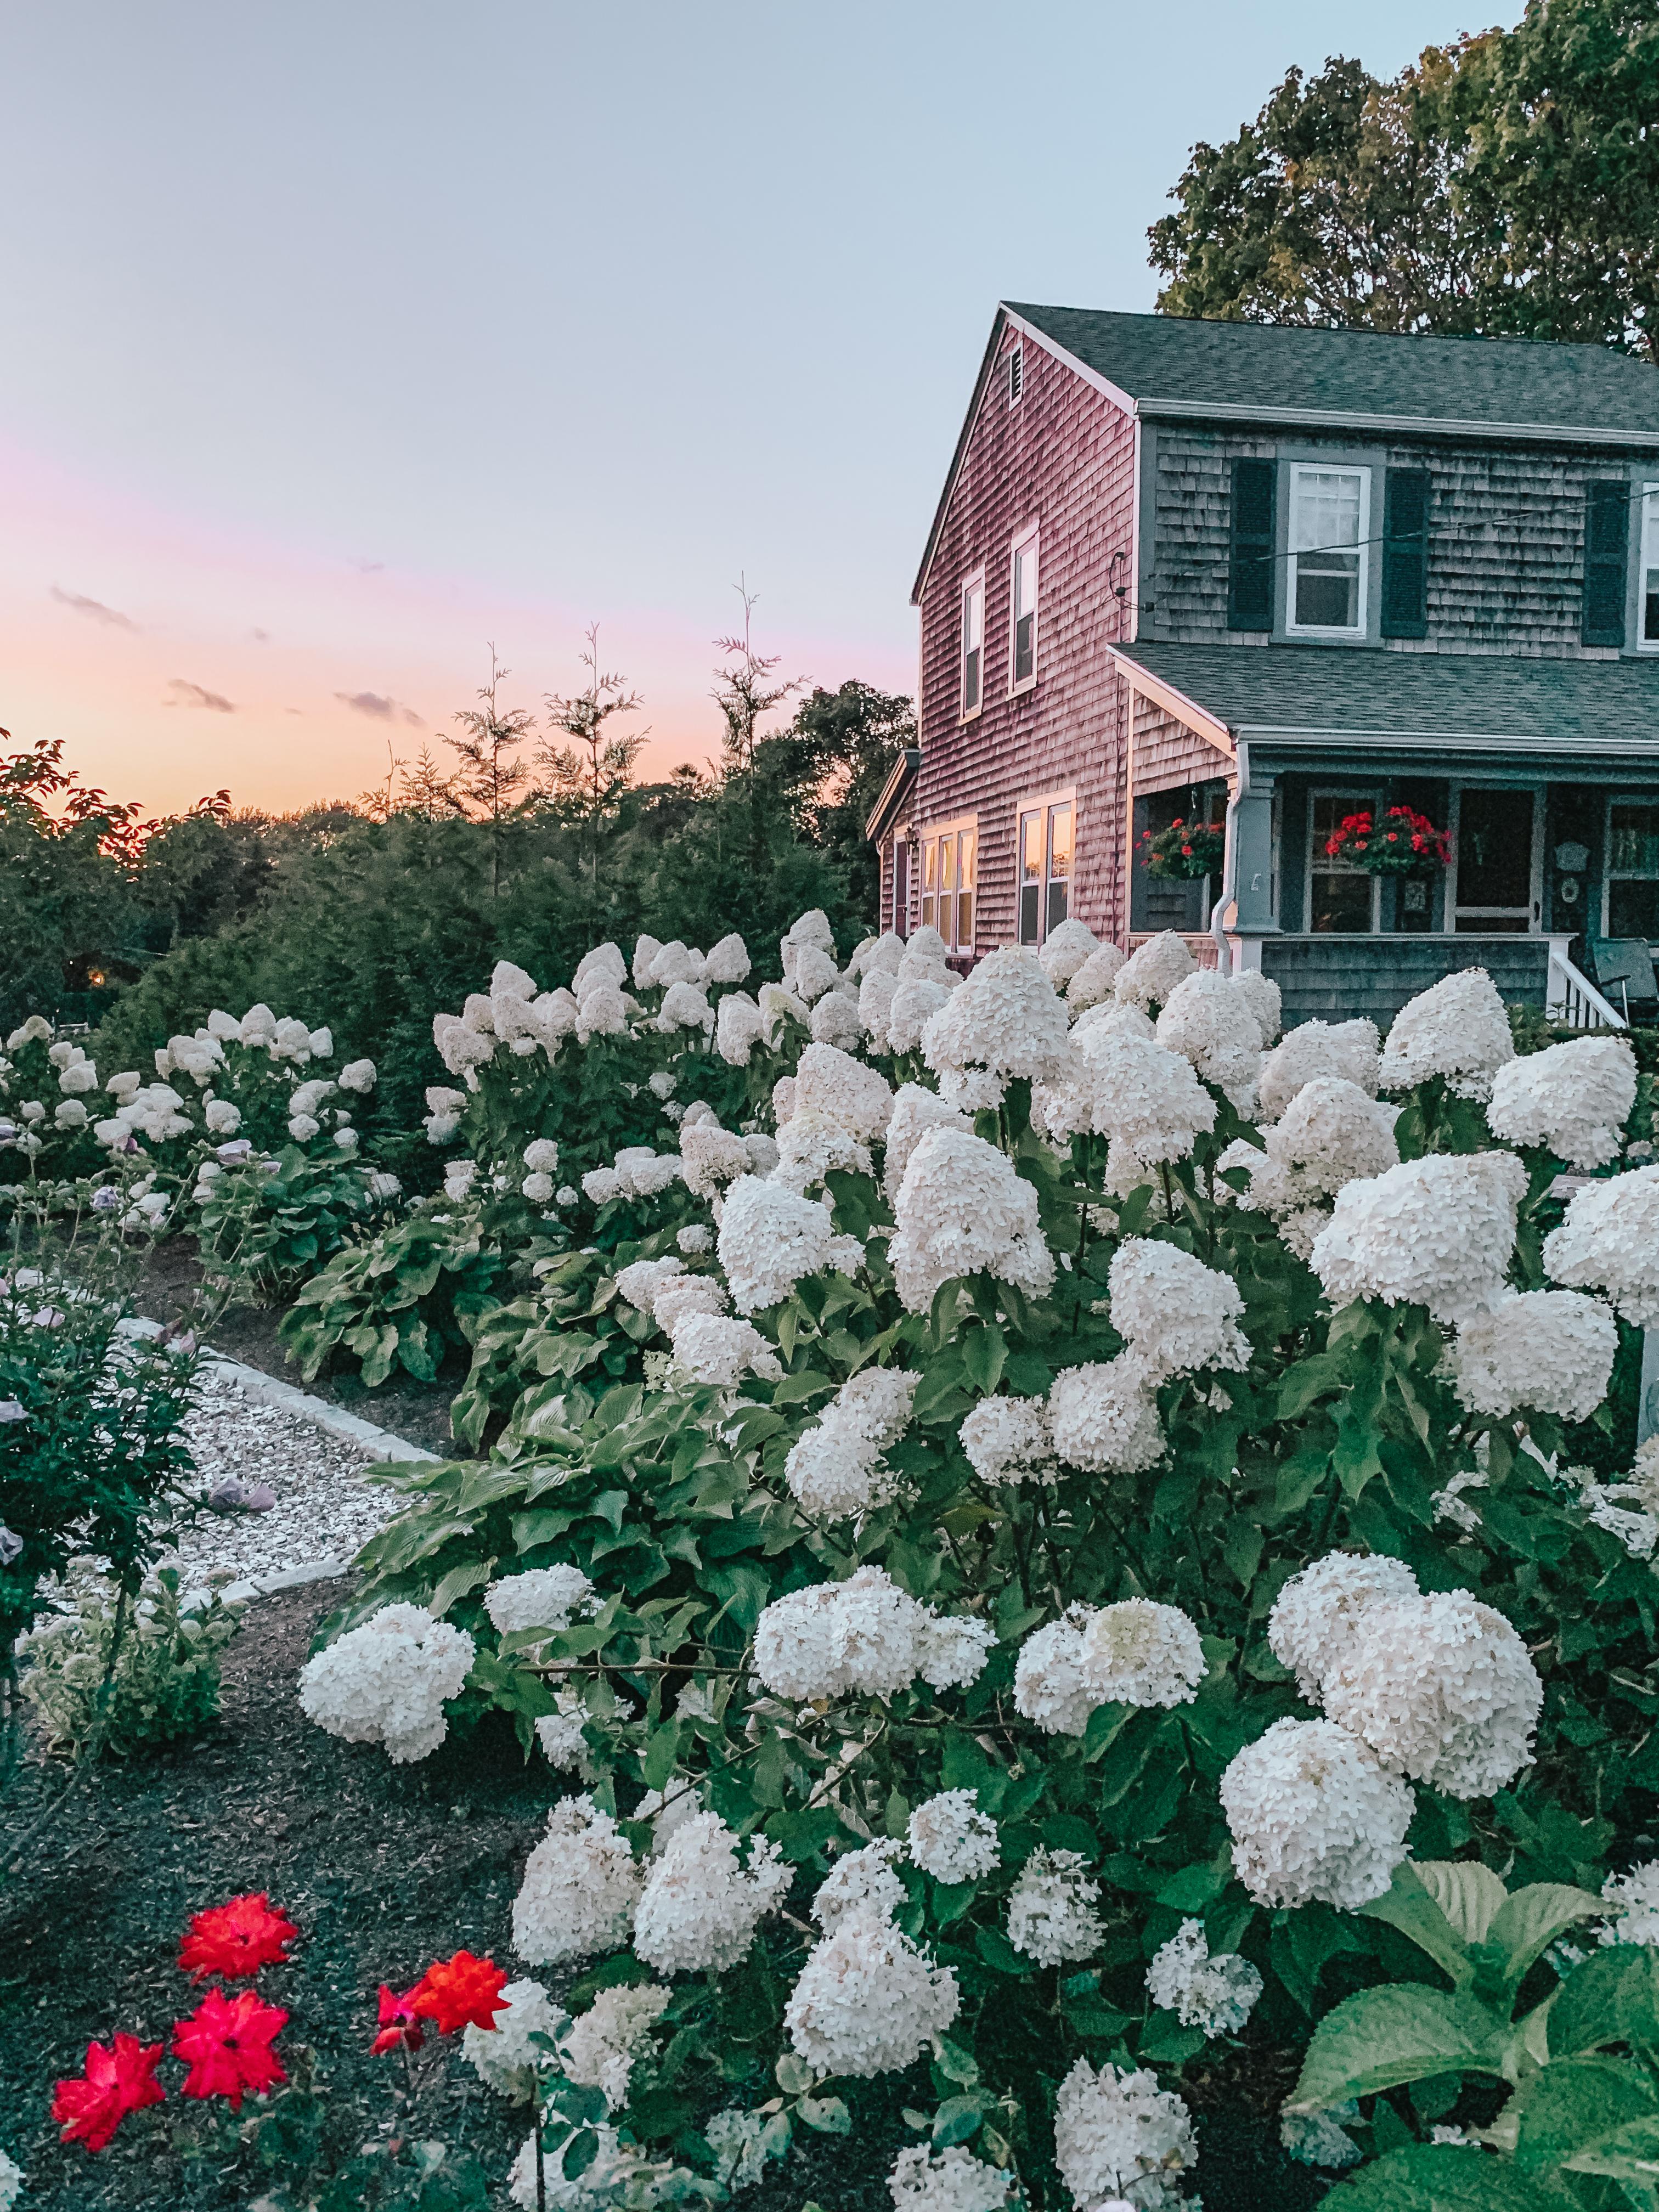 Transplanting- fall garden tasks